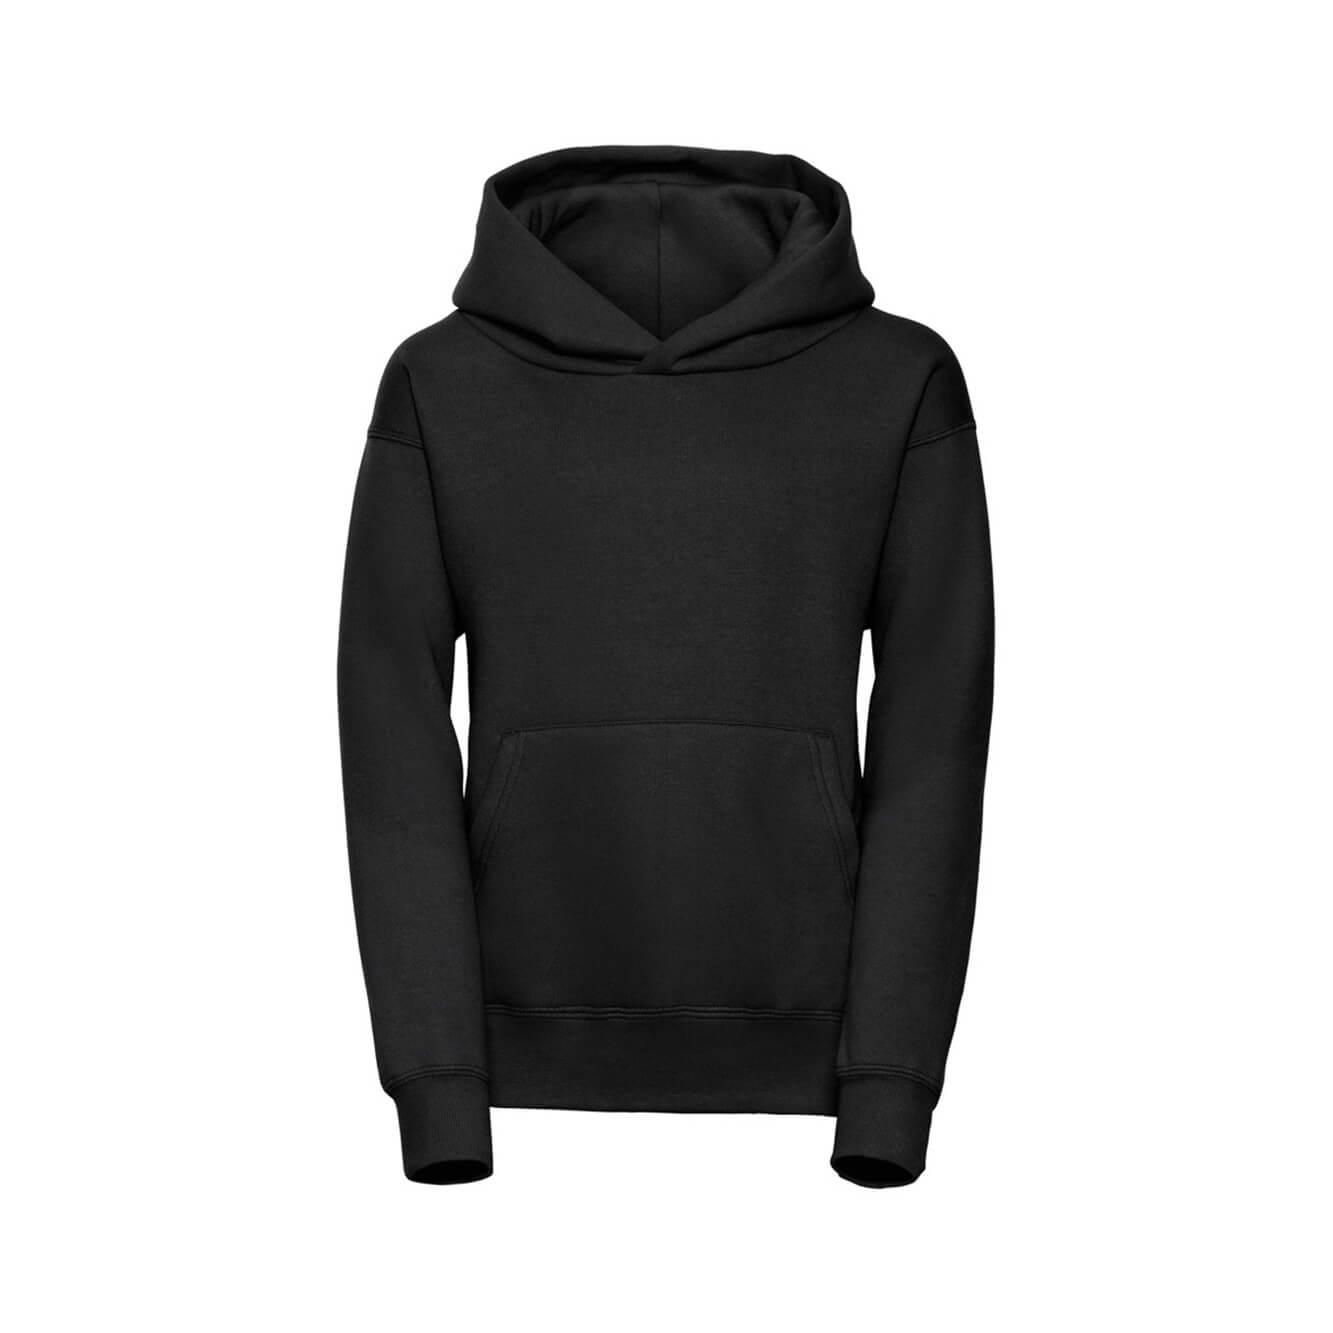 24 Blank JerZees Hooded Sweatshirt Bulk Wholesale Hoodie ok to mix S-XL /& Colors